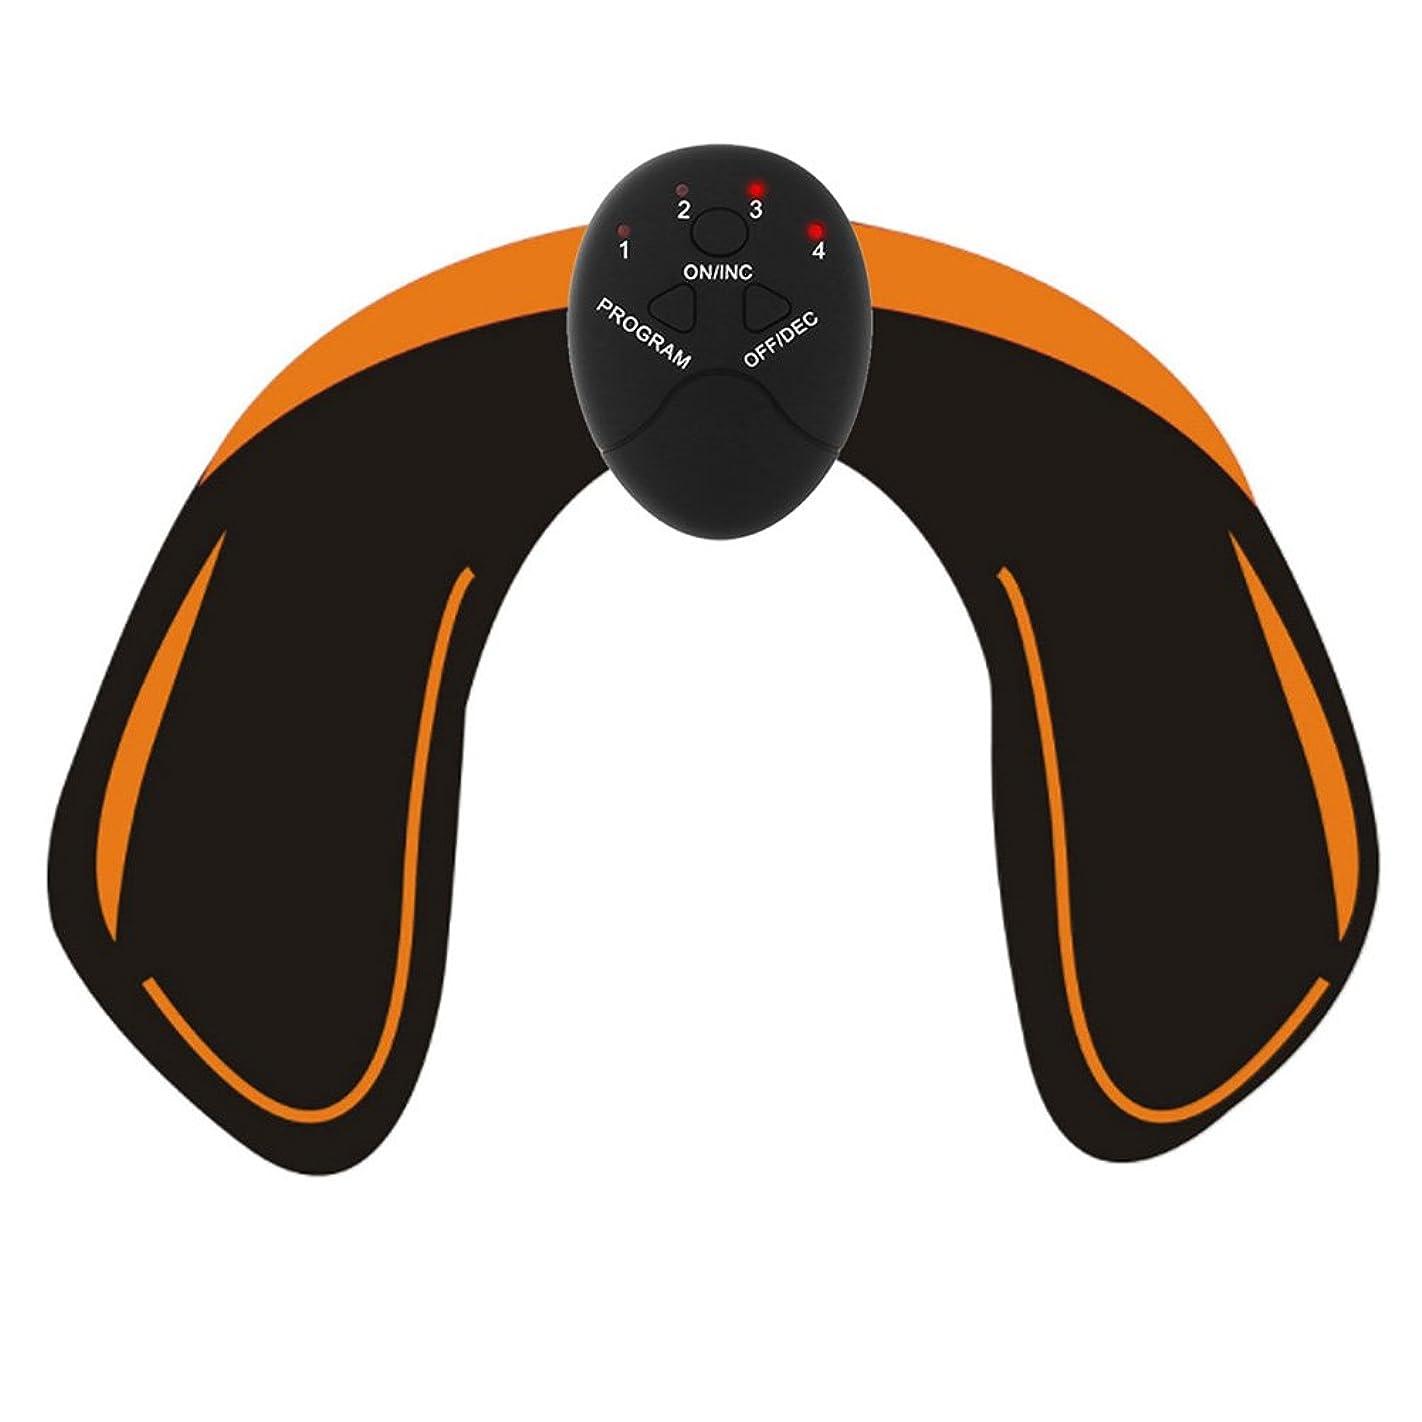 公然と再発する来てHealifty EMS トレーニングパッド ヒップアップ お尻専用 多機能 筋トレ器具 ダイエット 筋肉振動 引き締める 強さ階段調節 男女兼用